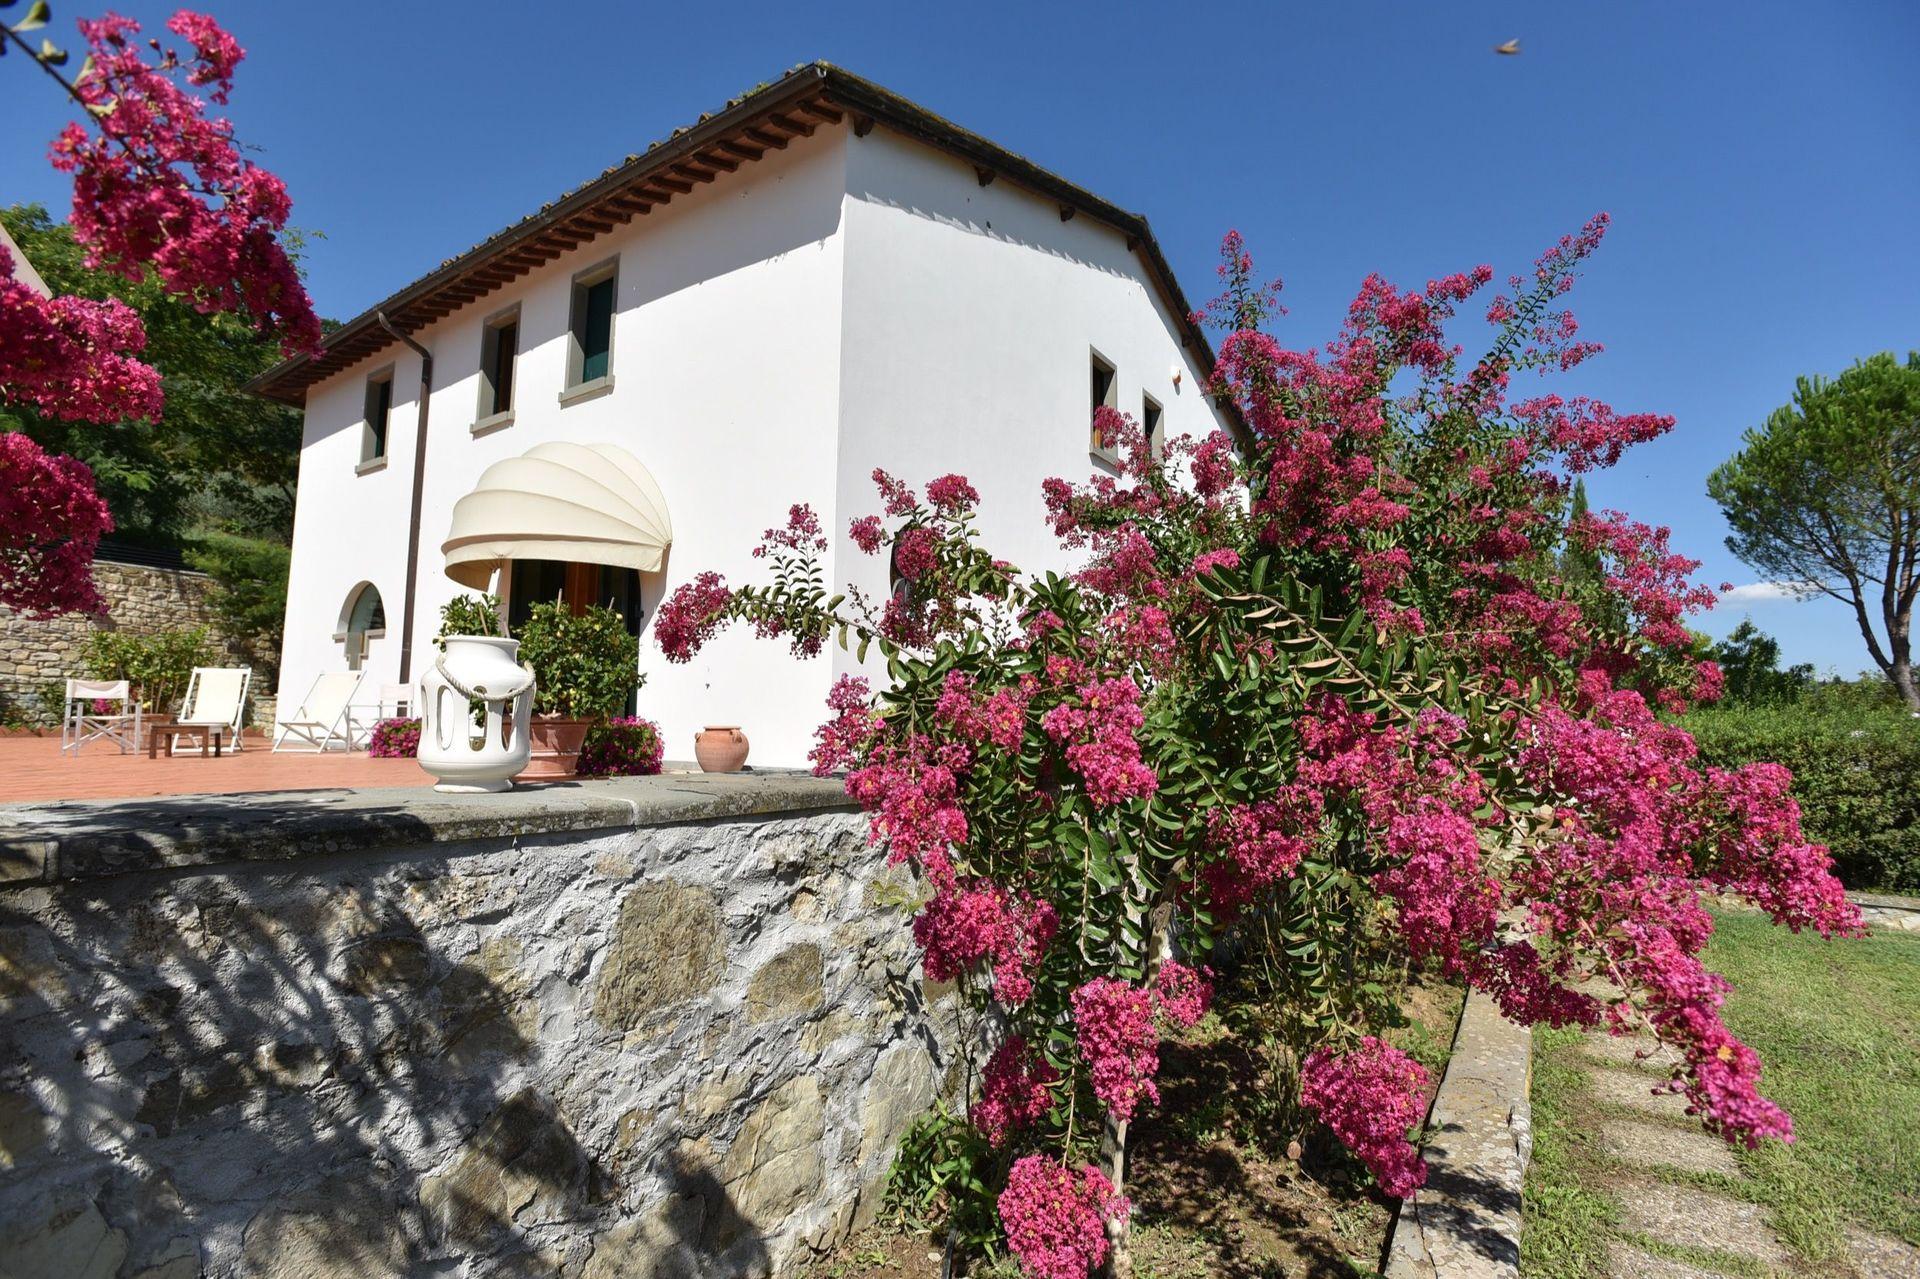 Villa cinzia casa vacanze con 9 posti letto in 4 camere grassina